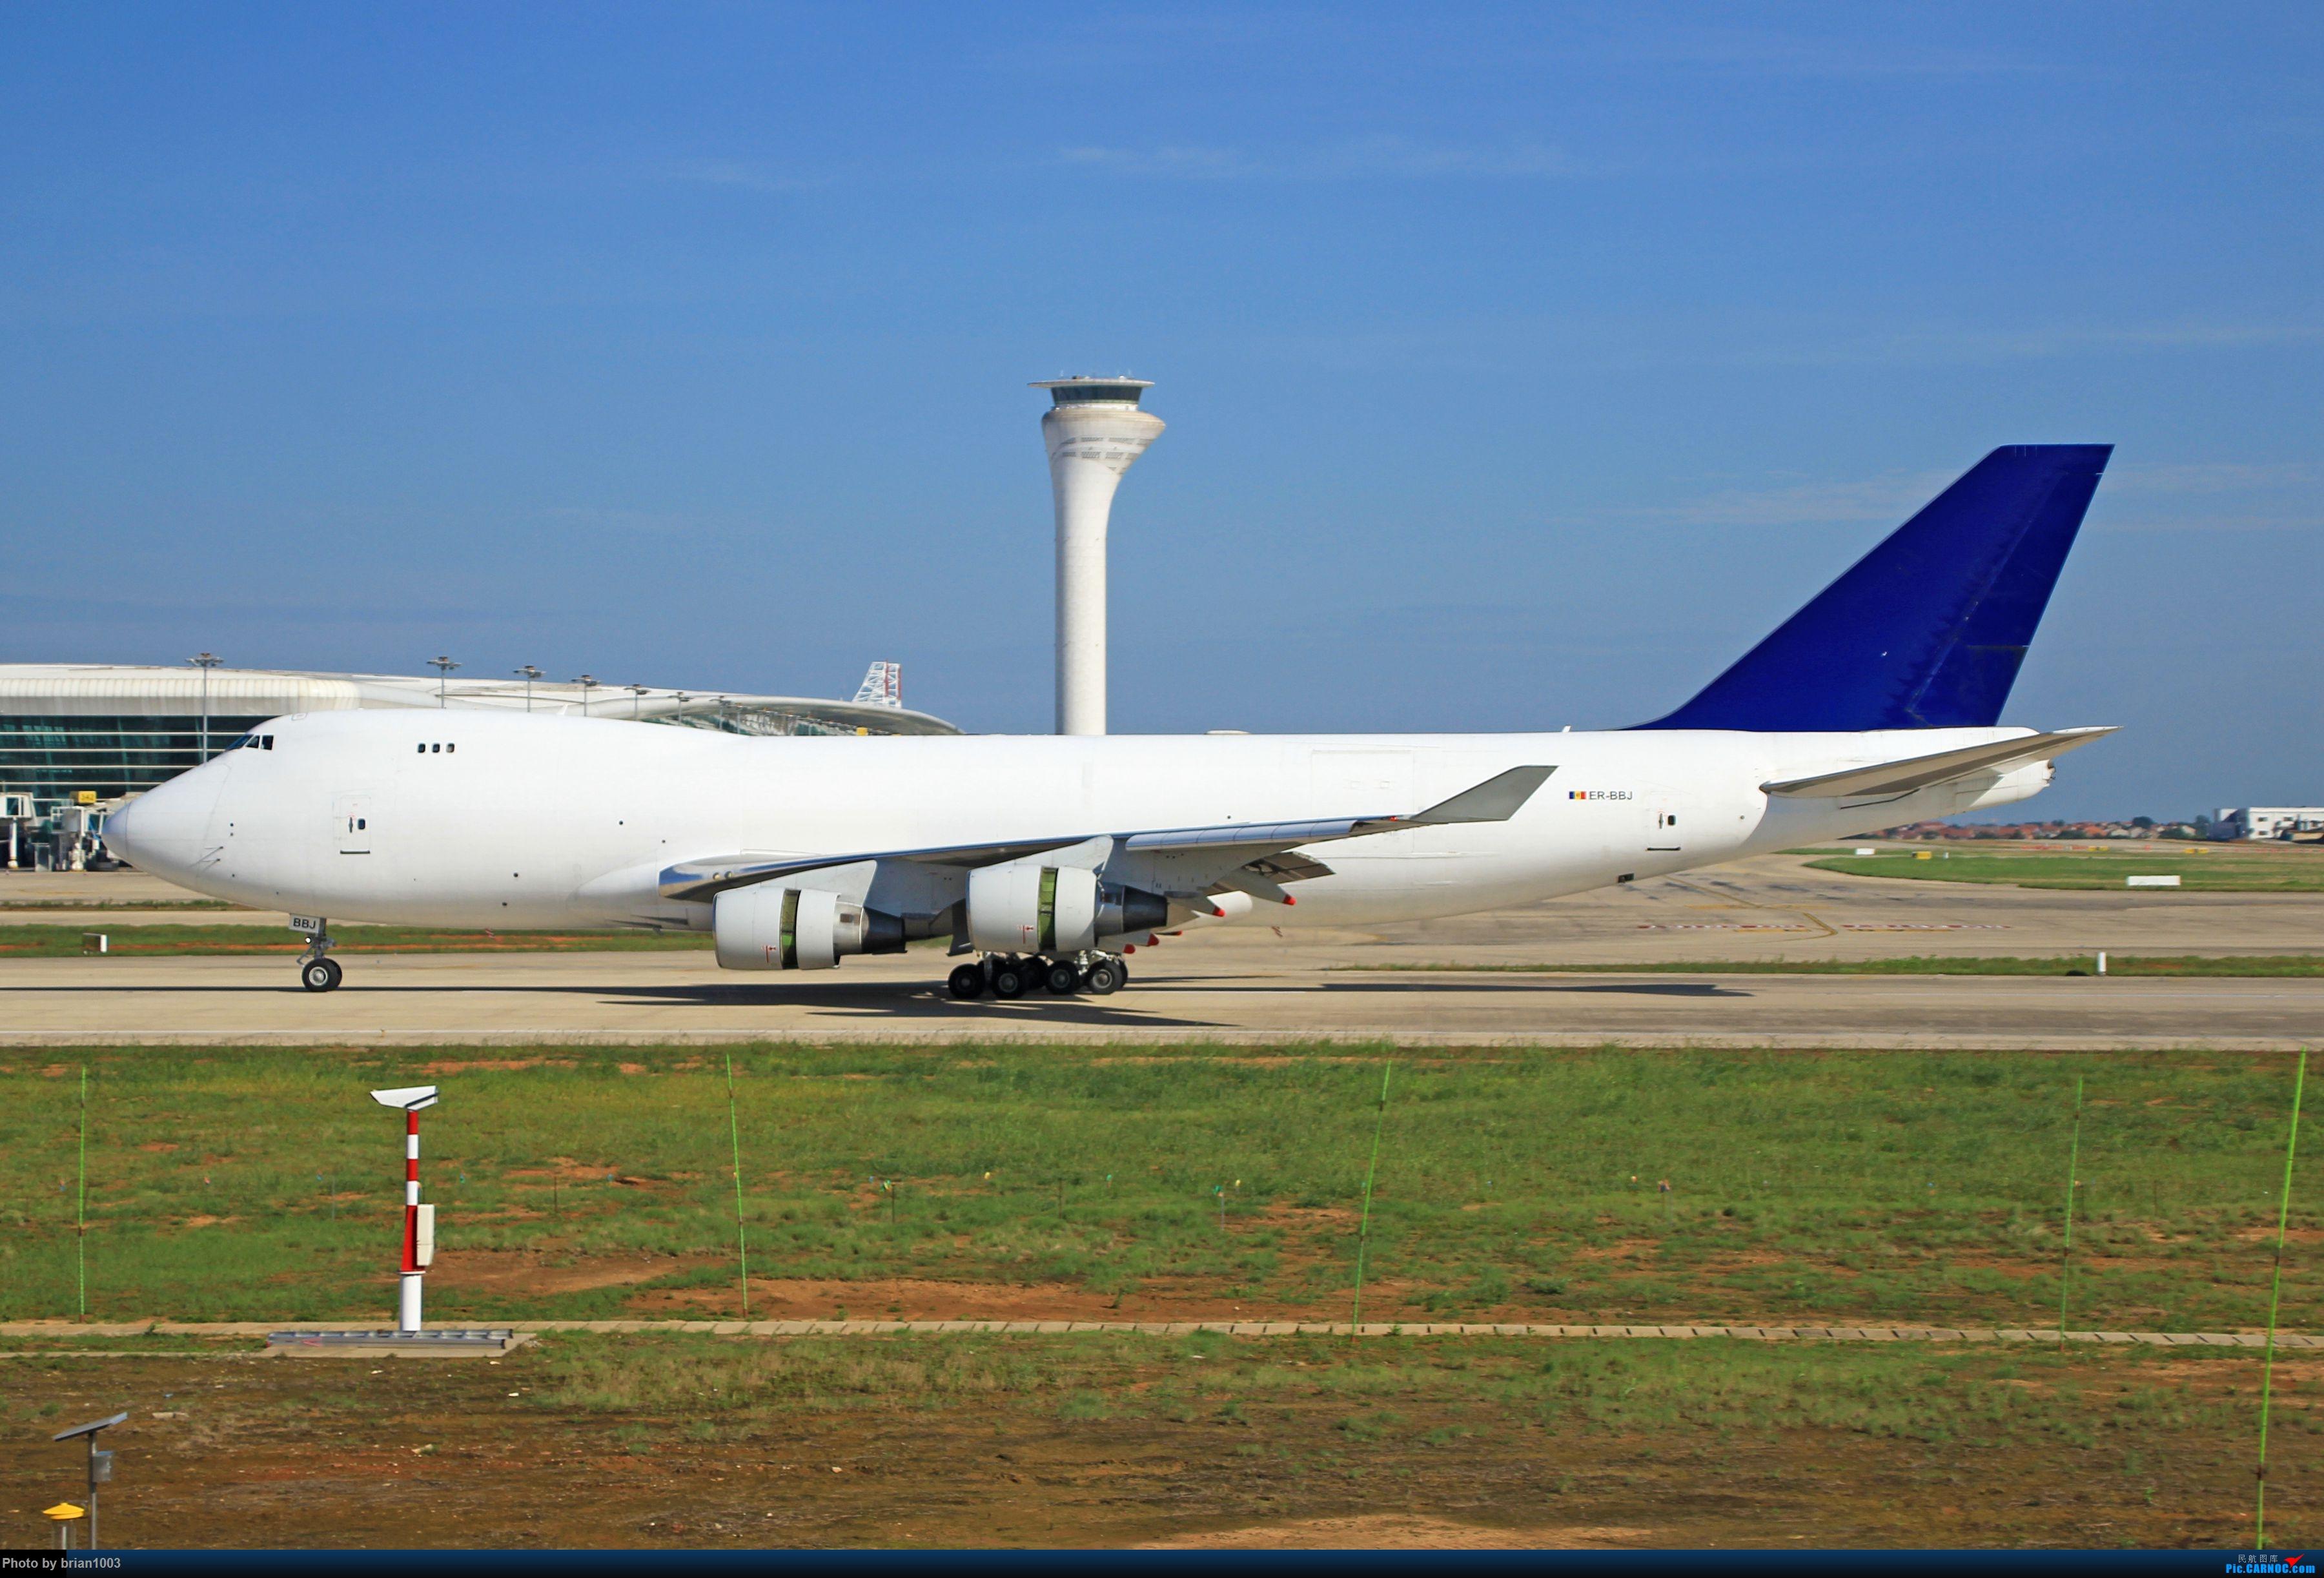 Re:[原创]WUH天河机场拍机之六月还有啥(X7家744F、天津大韩港龙333、巴基斯坦772、B6419) BOEING 747-400F ER-BBJ 中国武汉天河国际机场